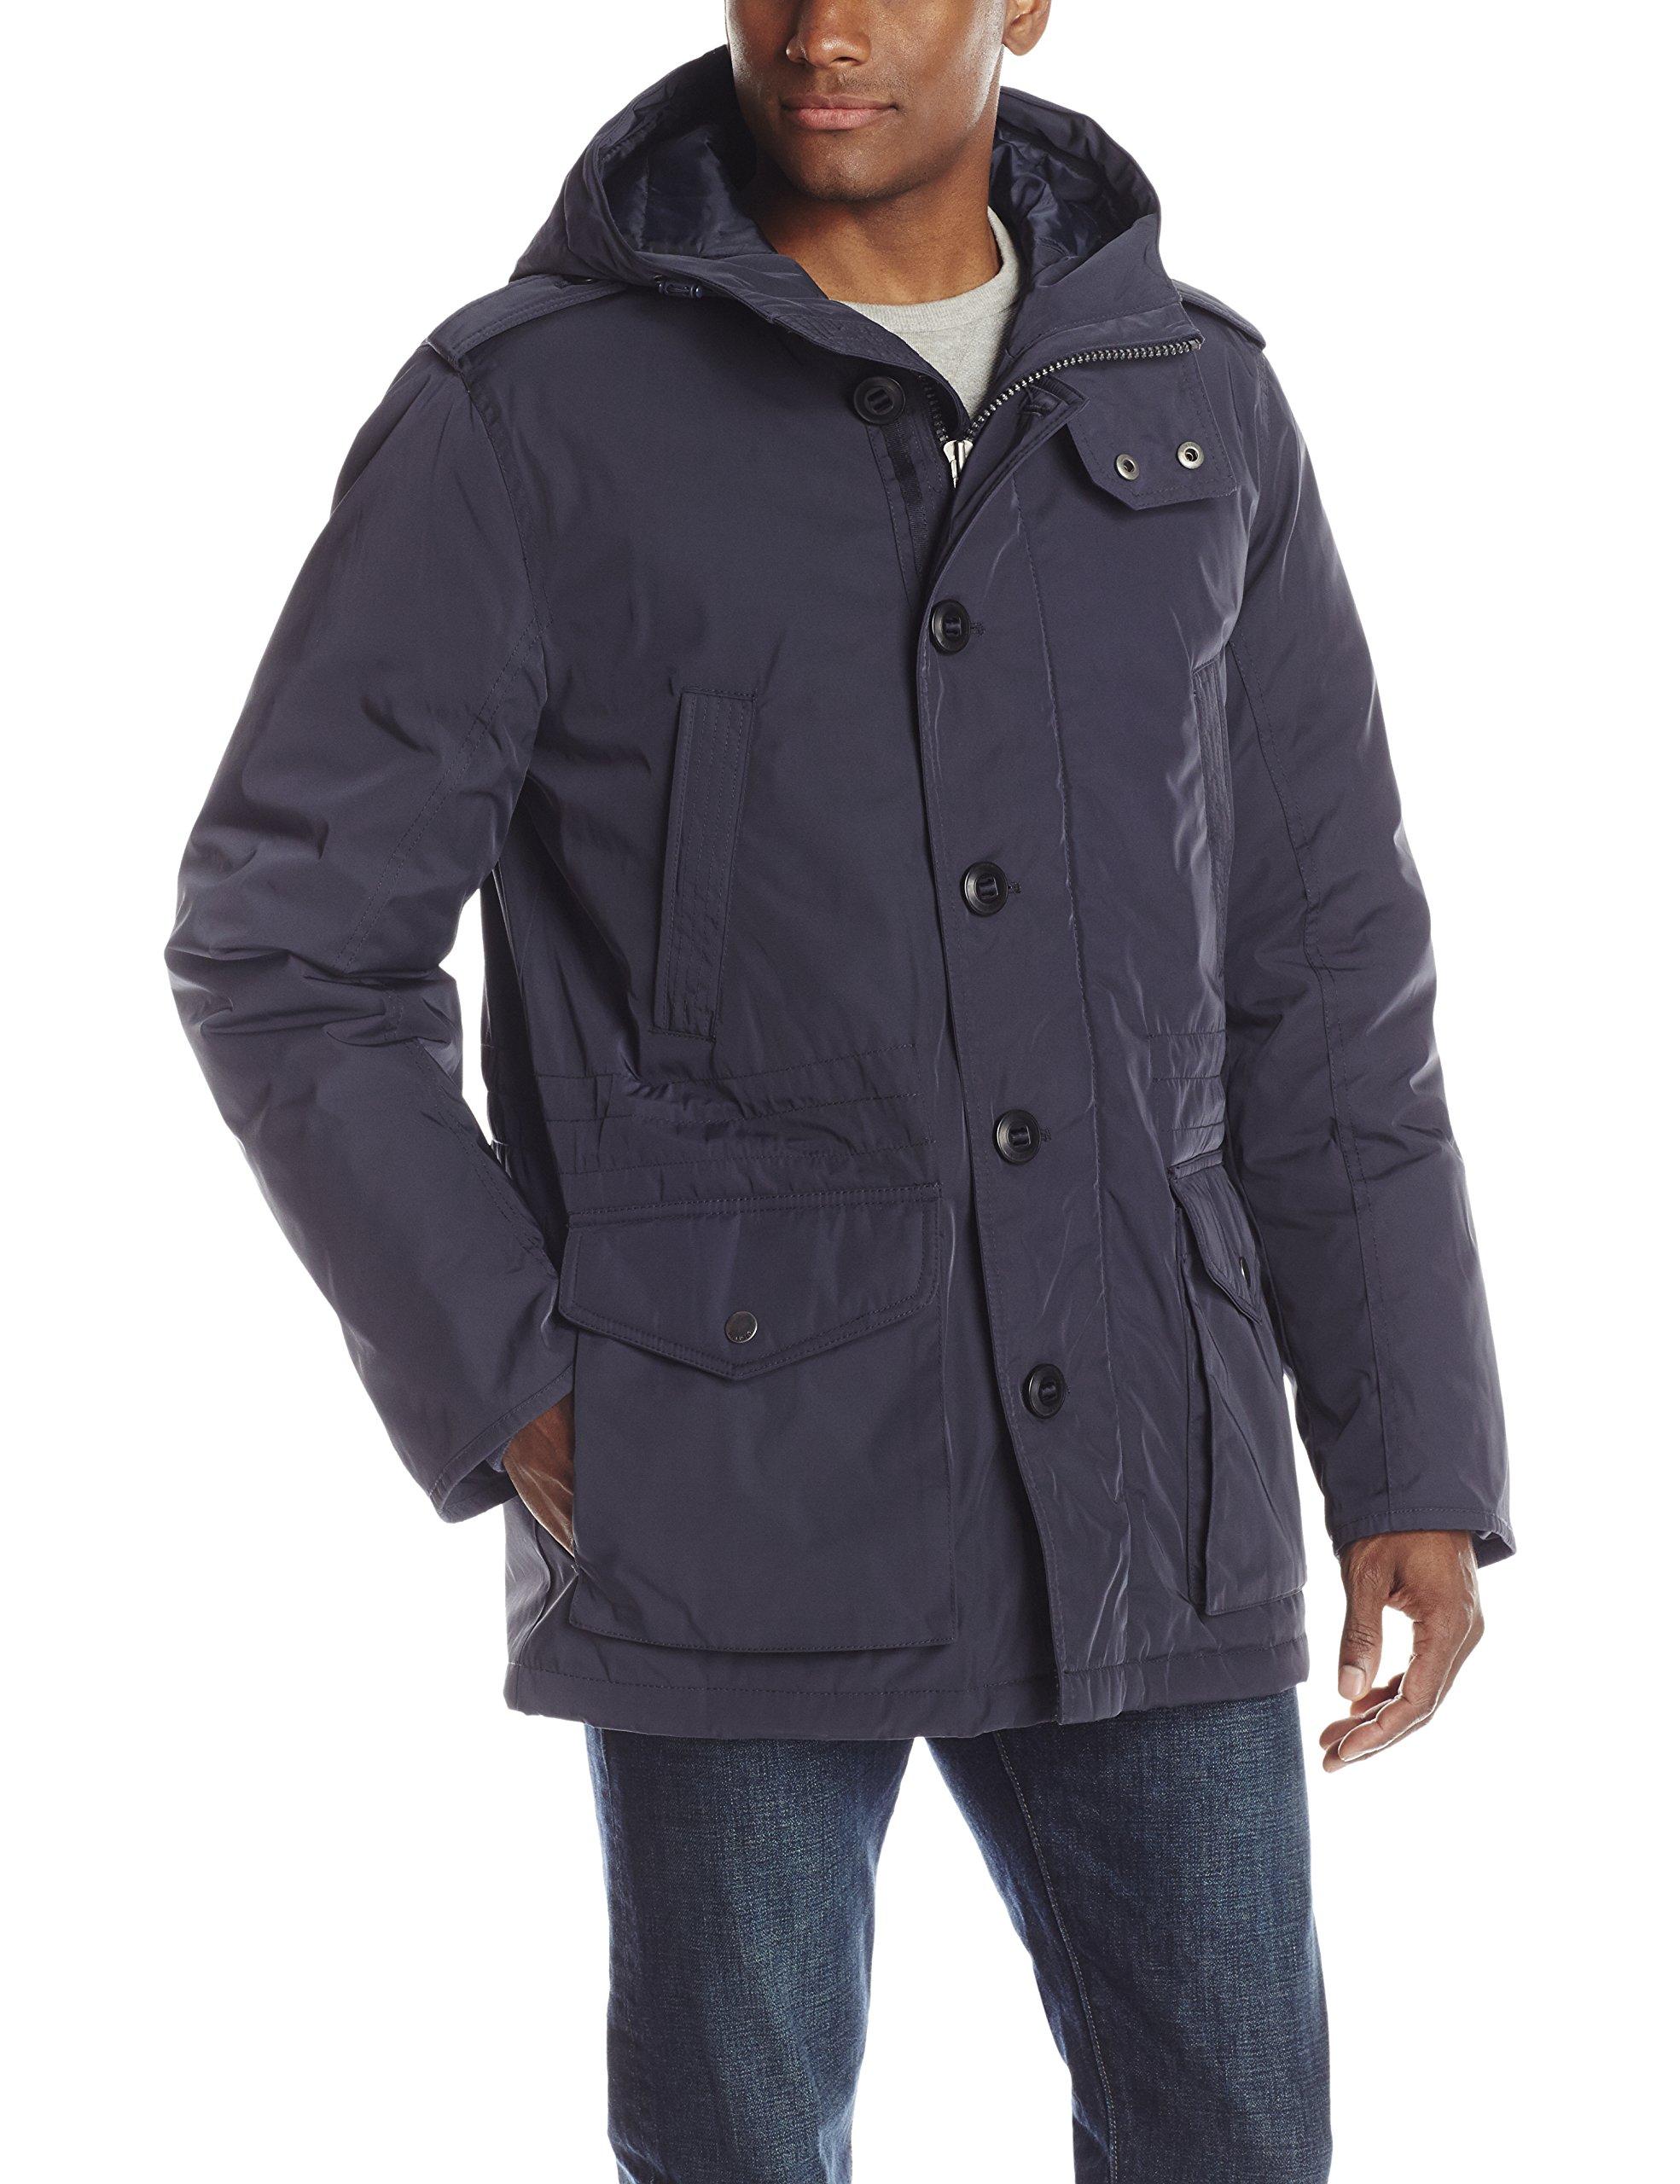 Tommy Hilfiger Men's Poly Twill Full Length Hooded Parka, Navy, Medium